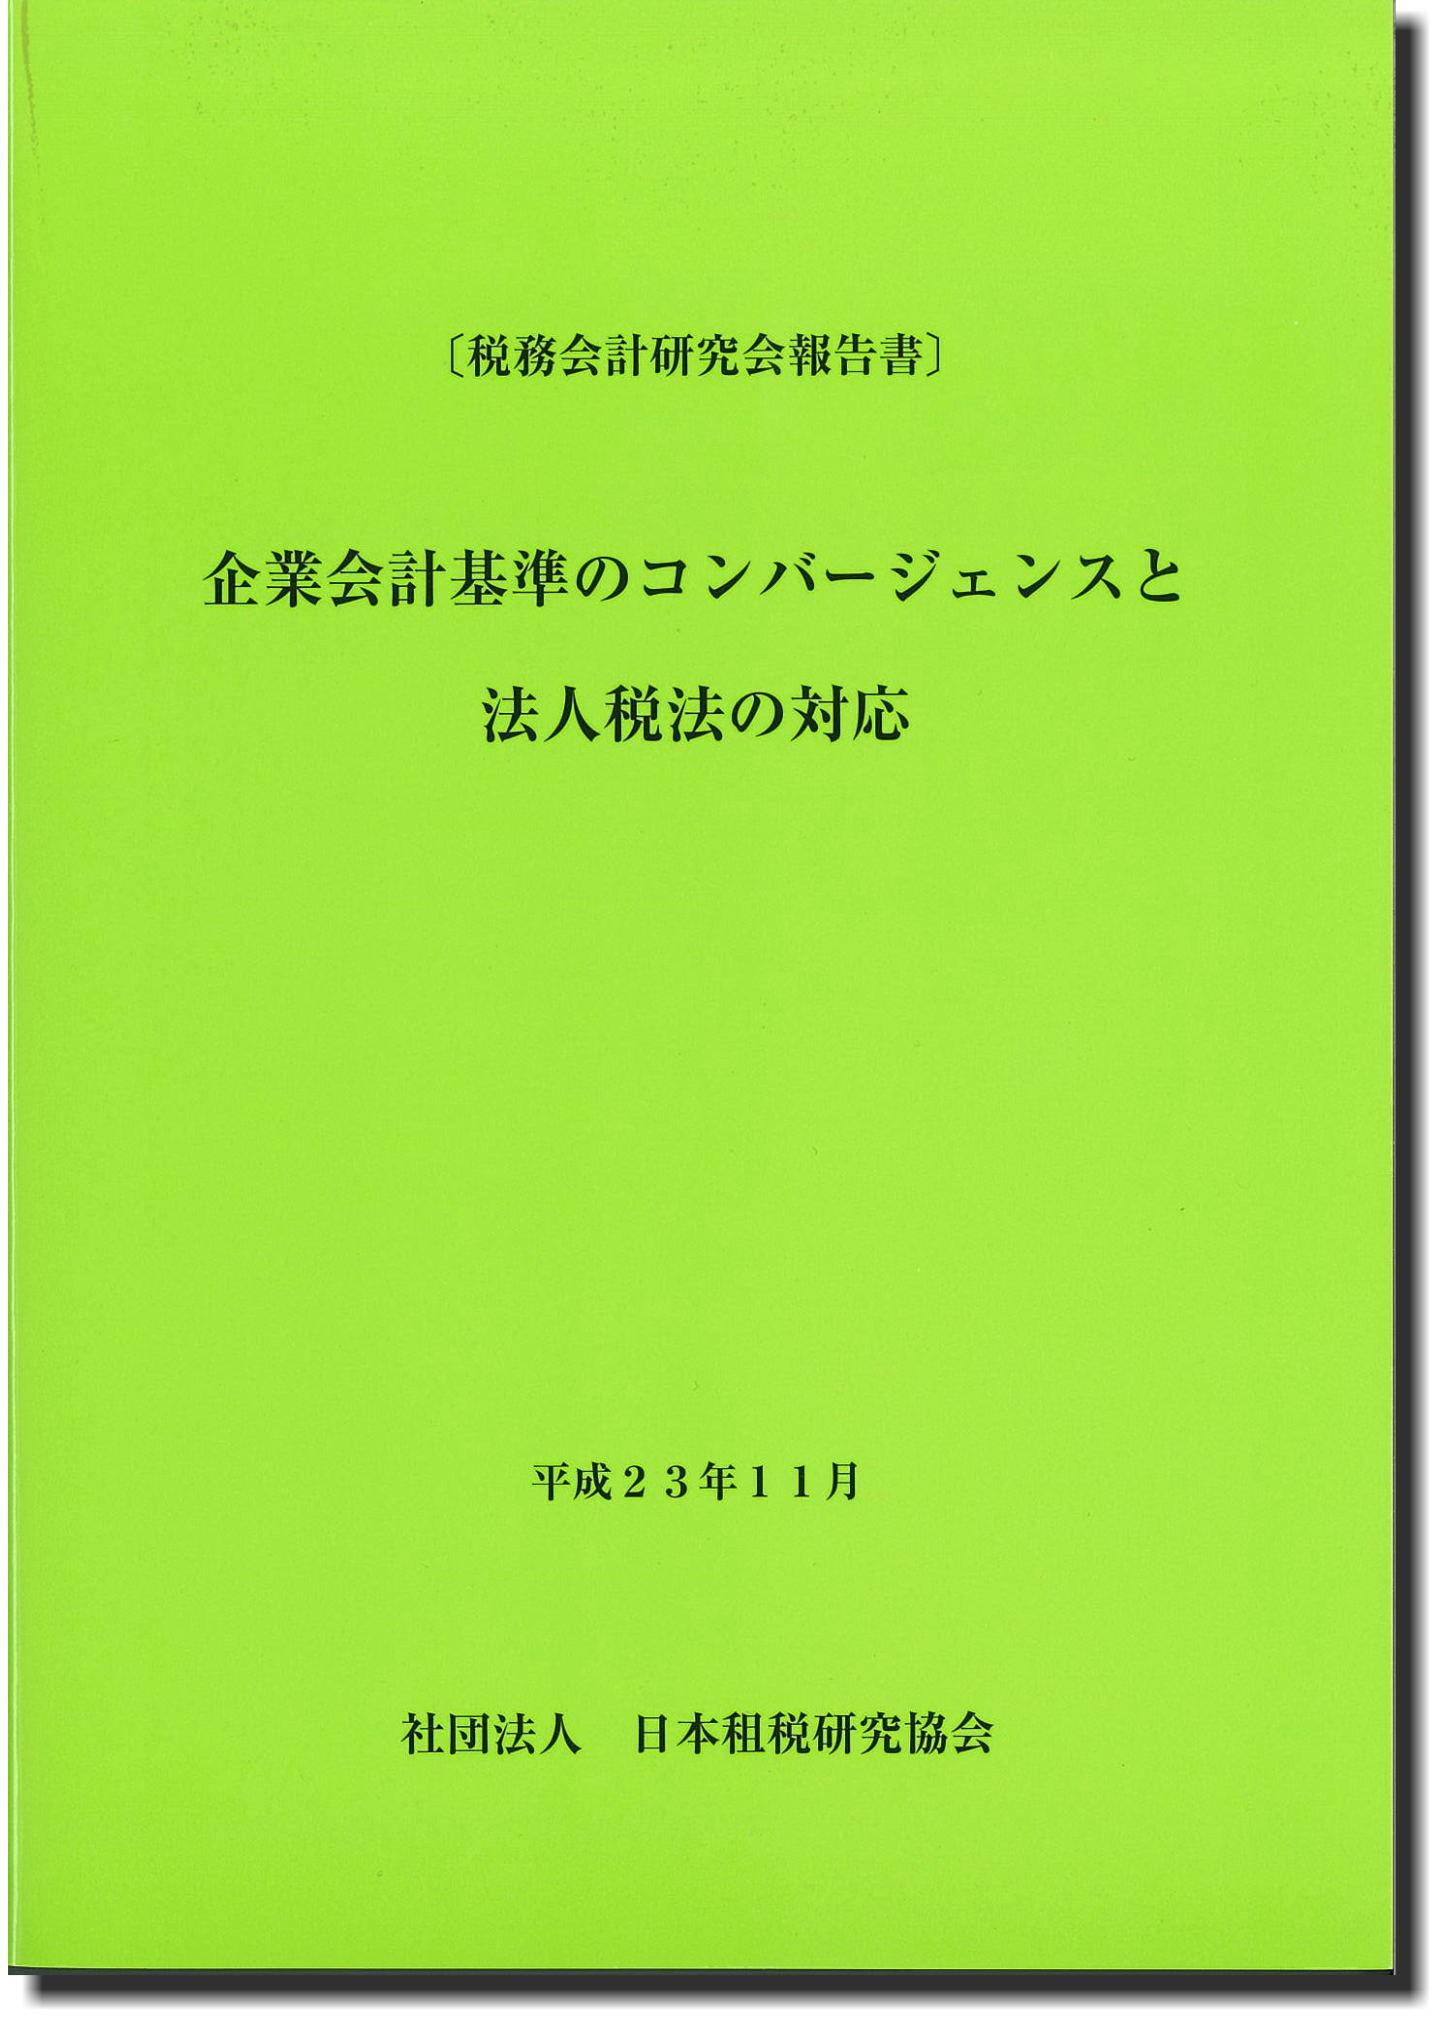 〔税務会計研究会報告書〕 企業会計基準のコンバージェンスと法人税法の対応